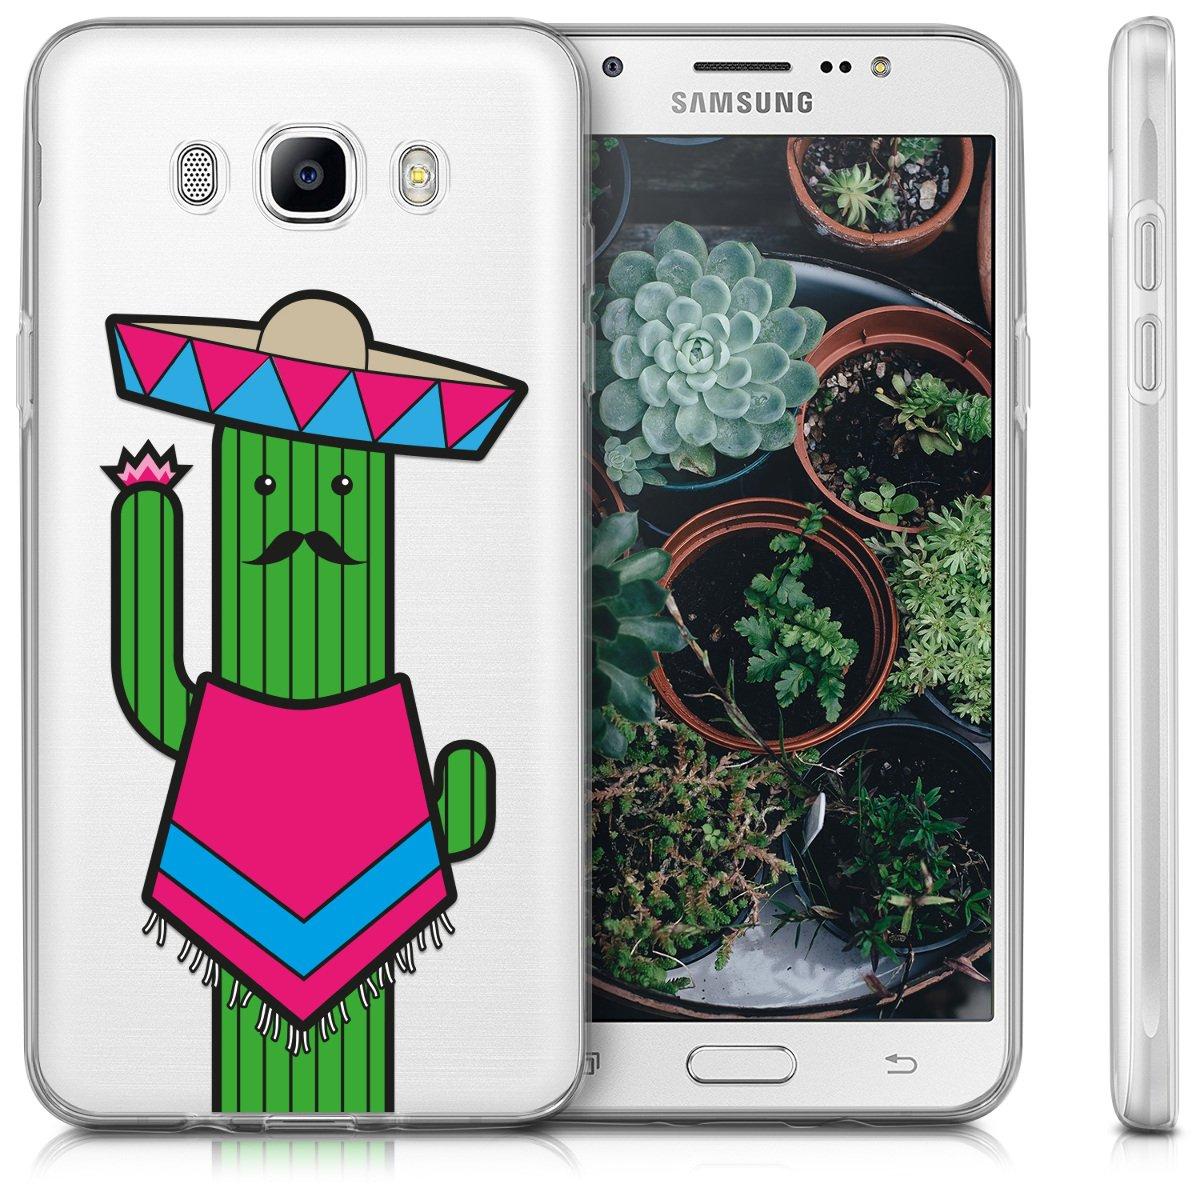 2016 - Coque pour Samsung Galaxy J7 - Housse de t/él/éphone en Silicone Or Rose m/étallique kwmobile Coque Samsung Galaxy J7 2016